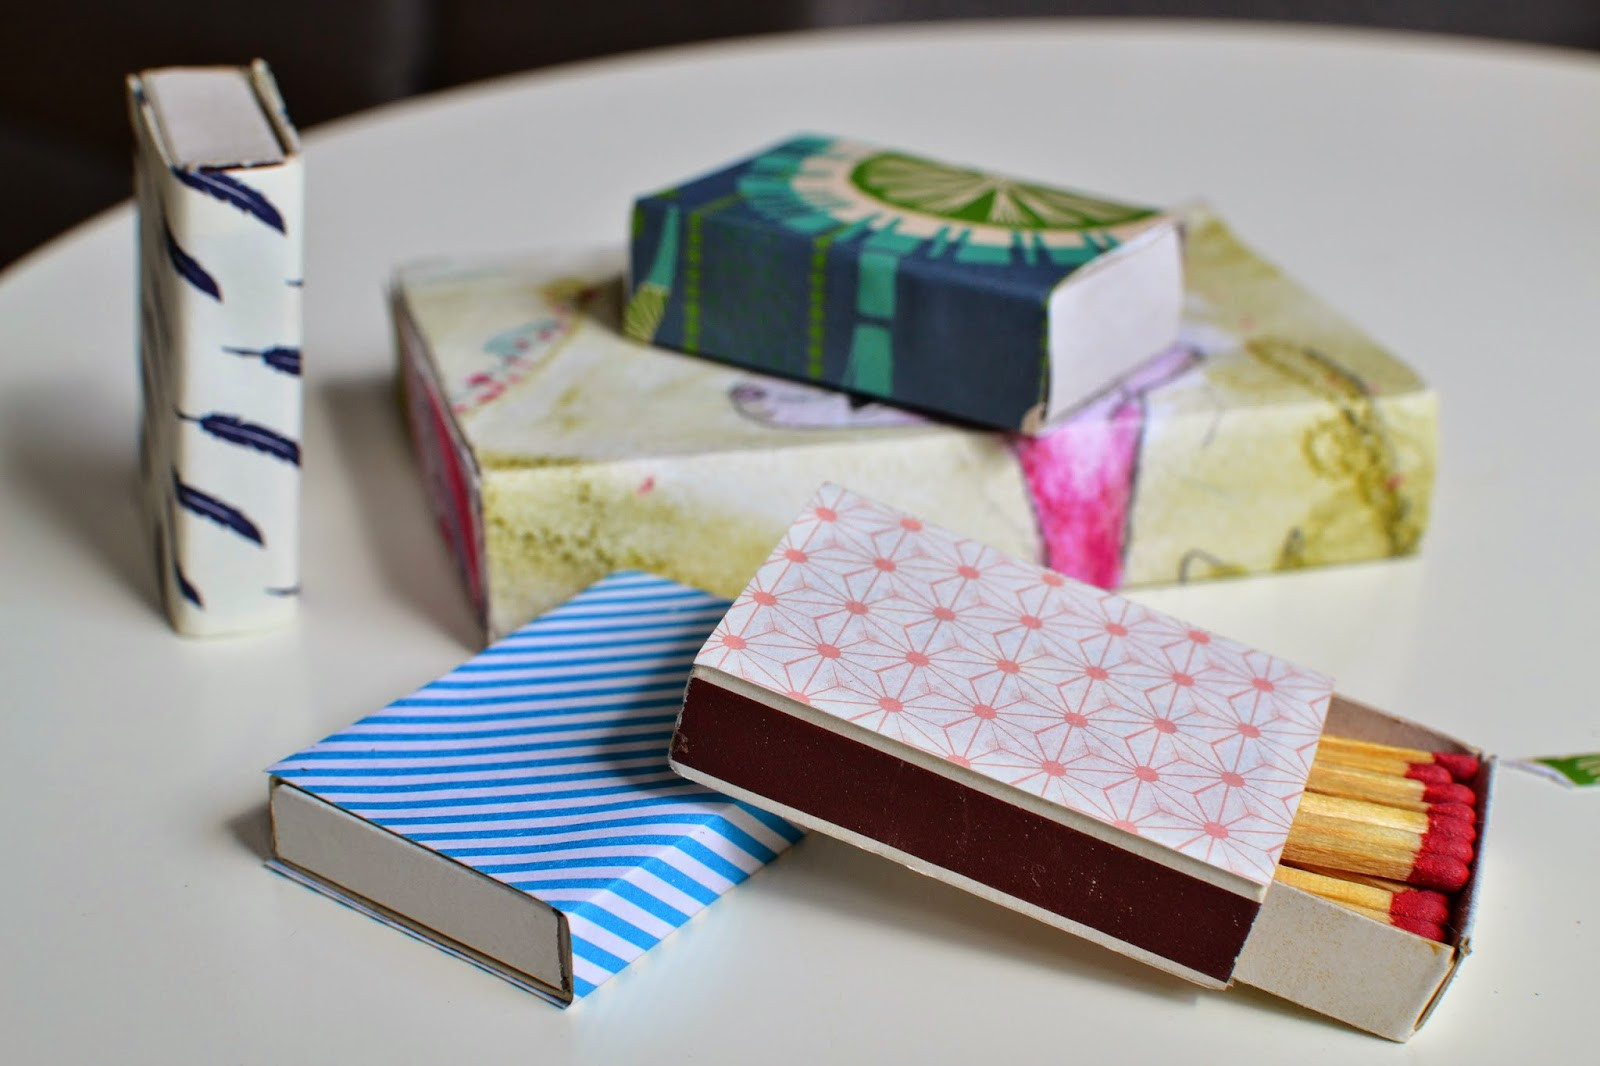 Diy Geschenk  Jurinde macht was Kleine DIY Geschenke